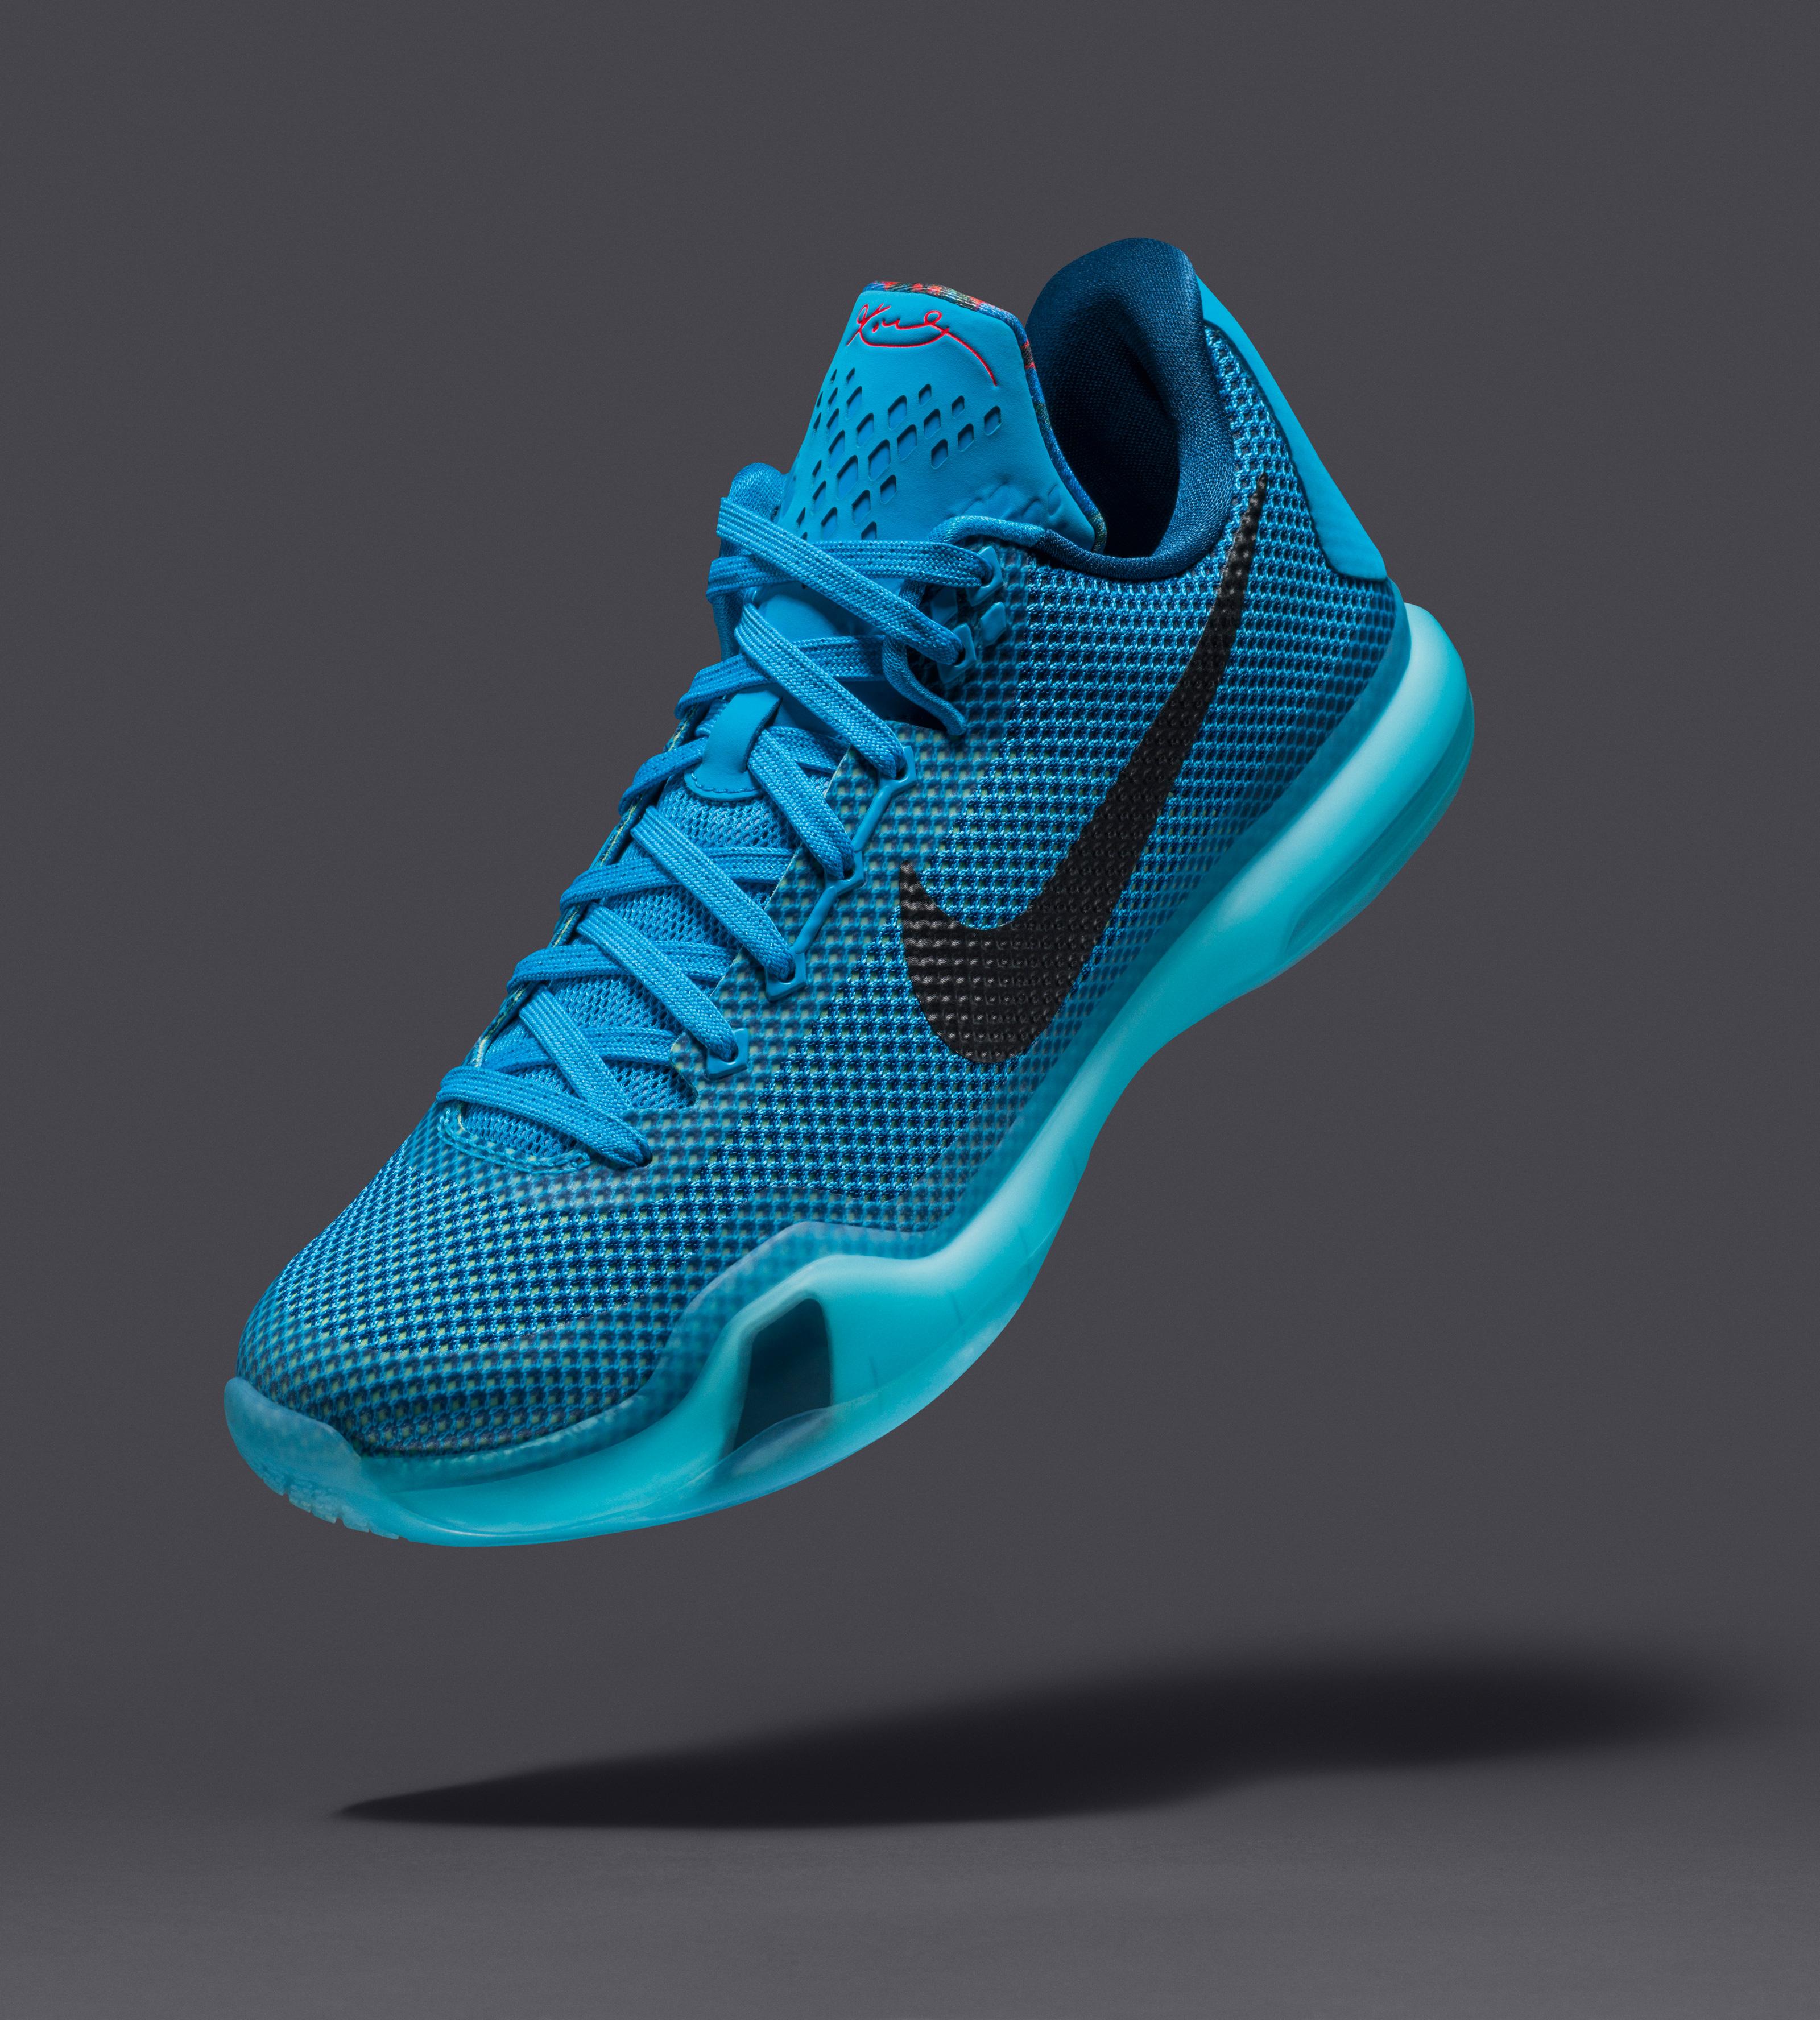 ... Kobe Bryant's tenth signature shoe. Download Image: LO · HI